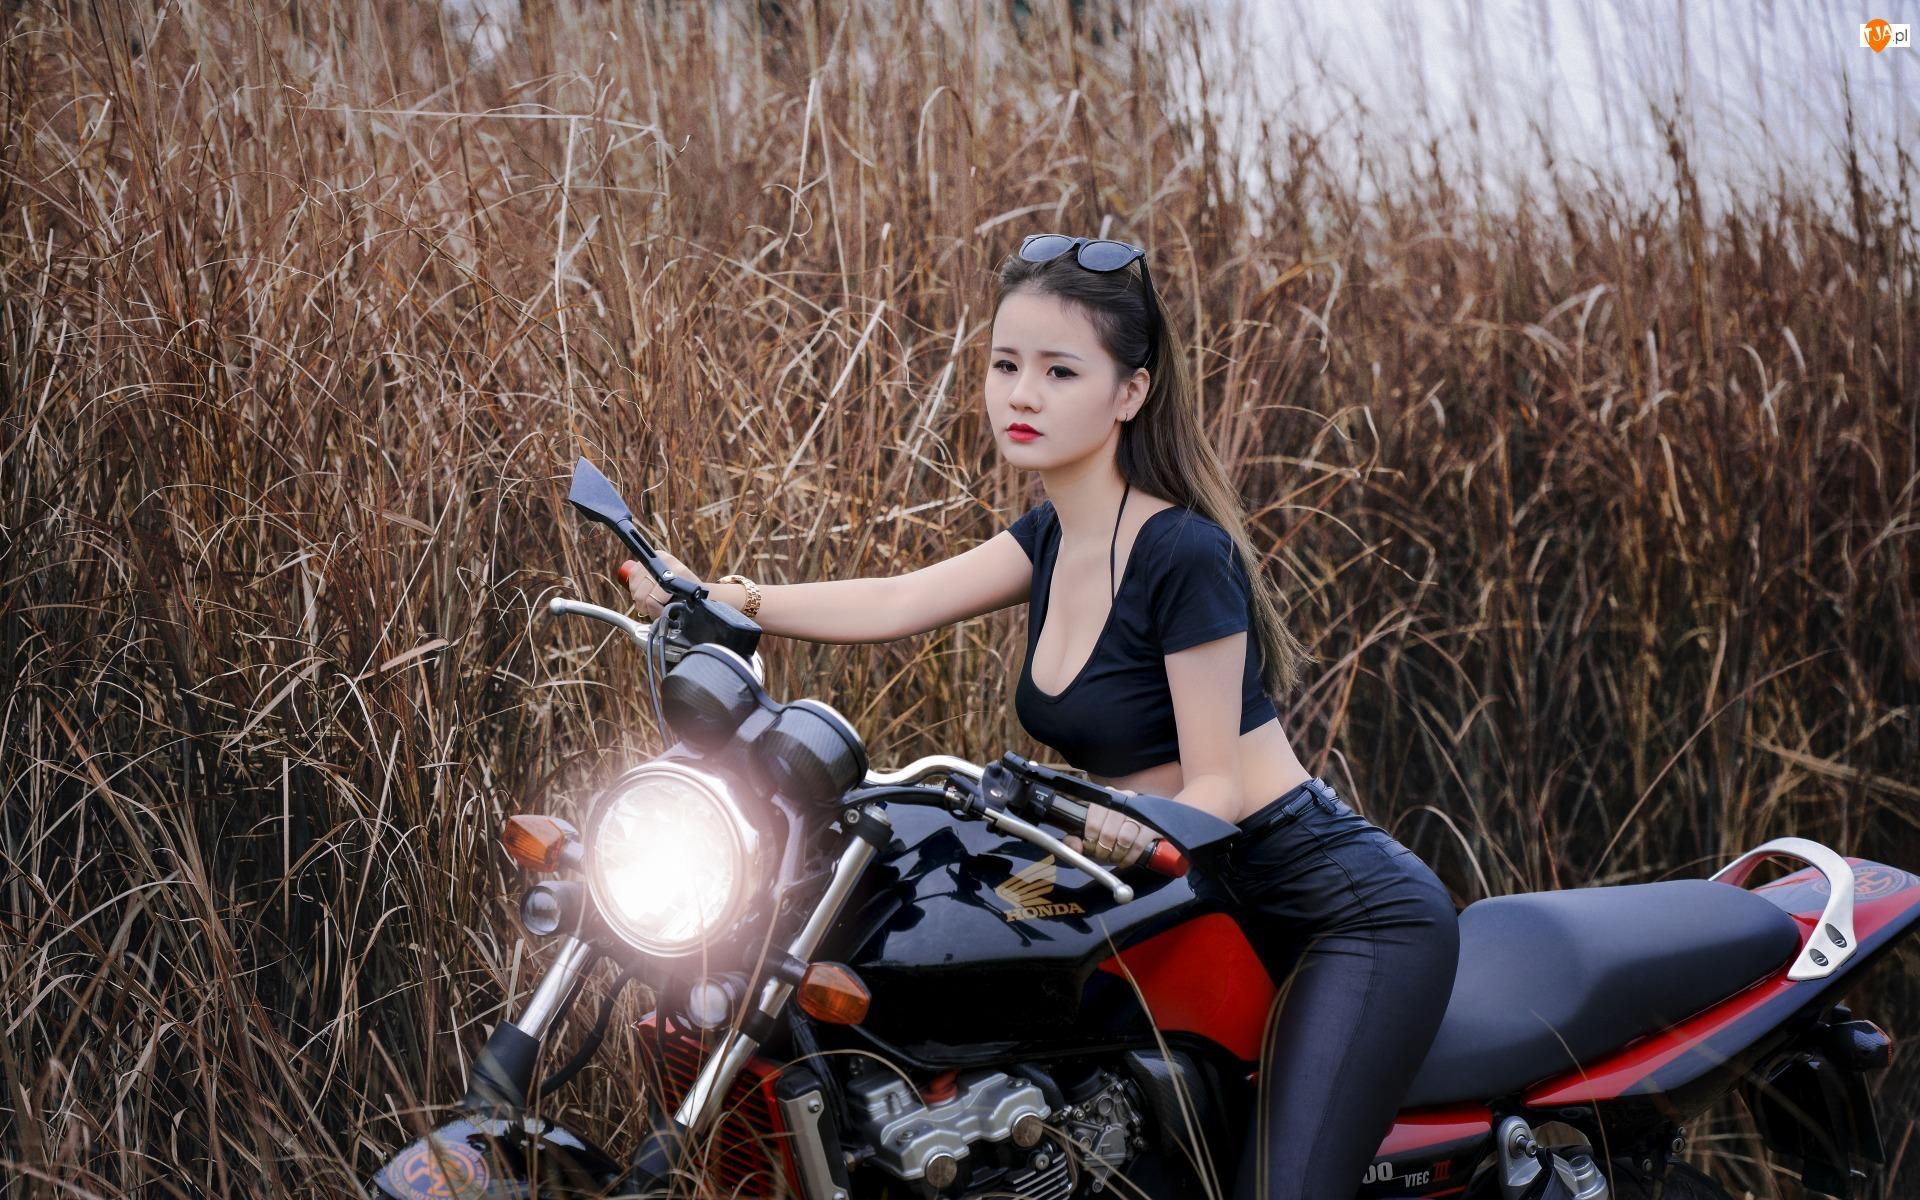 Motor Honda, Kobieta, Okulary, Azjatka, Trawy